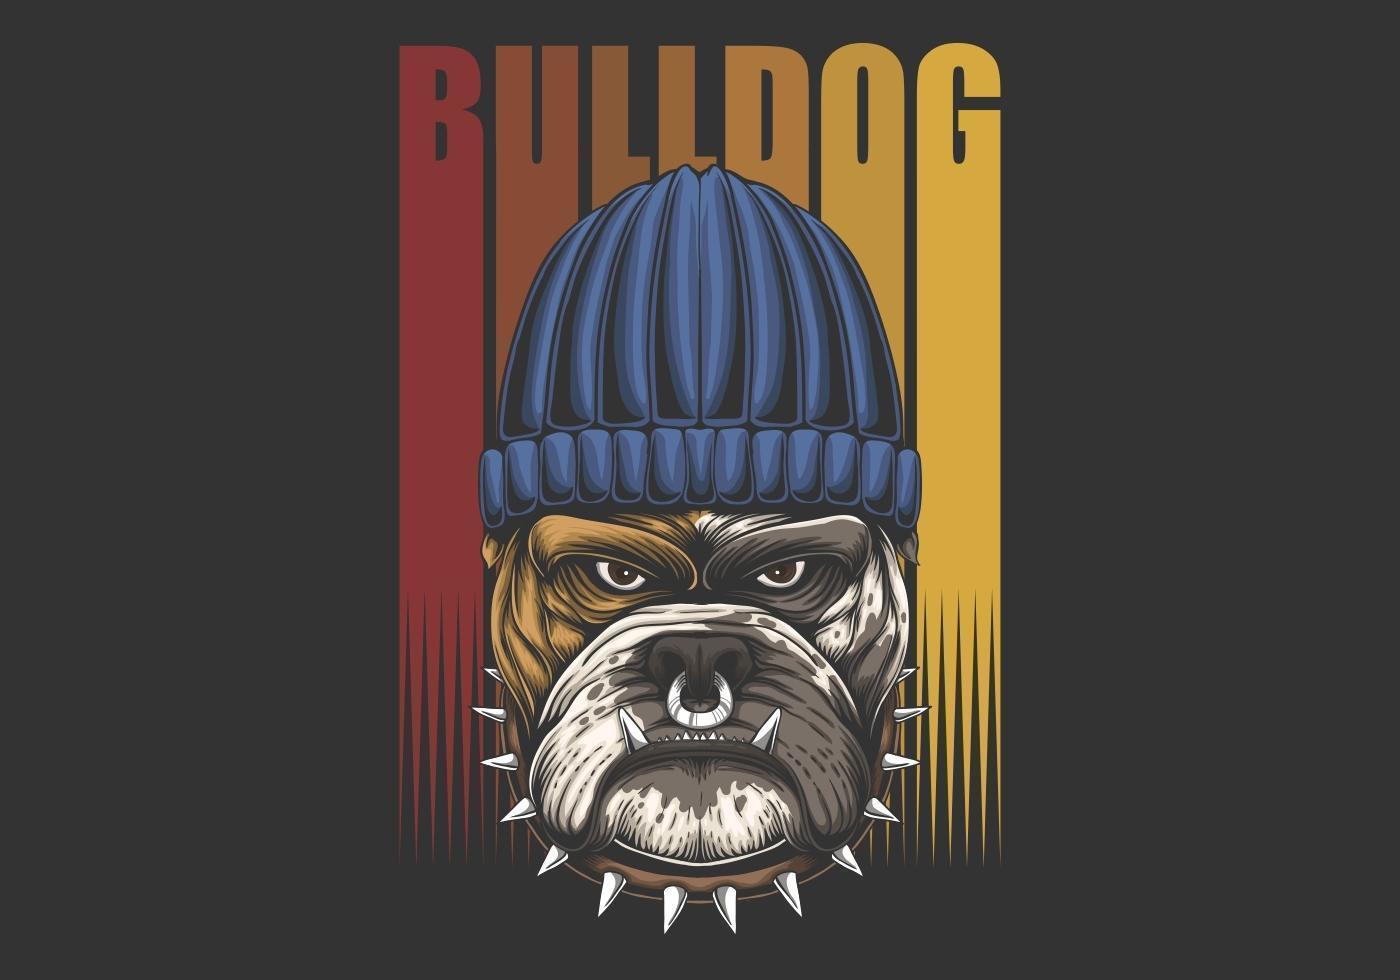 Urban Bulldog Retro Illustration vector